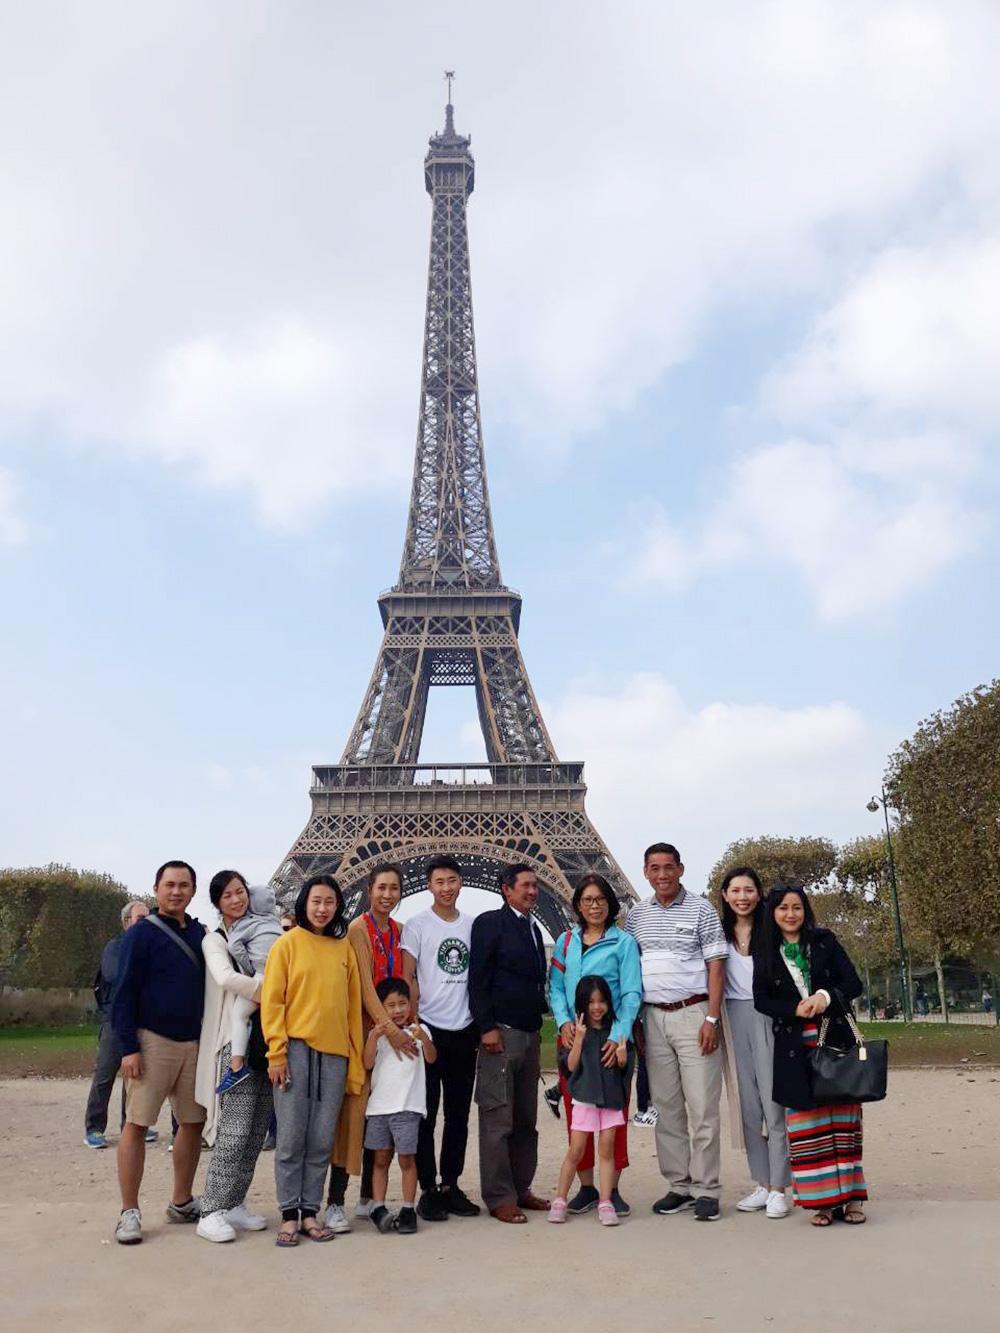 Đoàn khách tham quan Pháp - Ý - Tây Ban Nha 30/09/2018